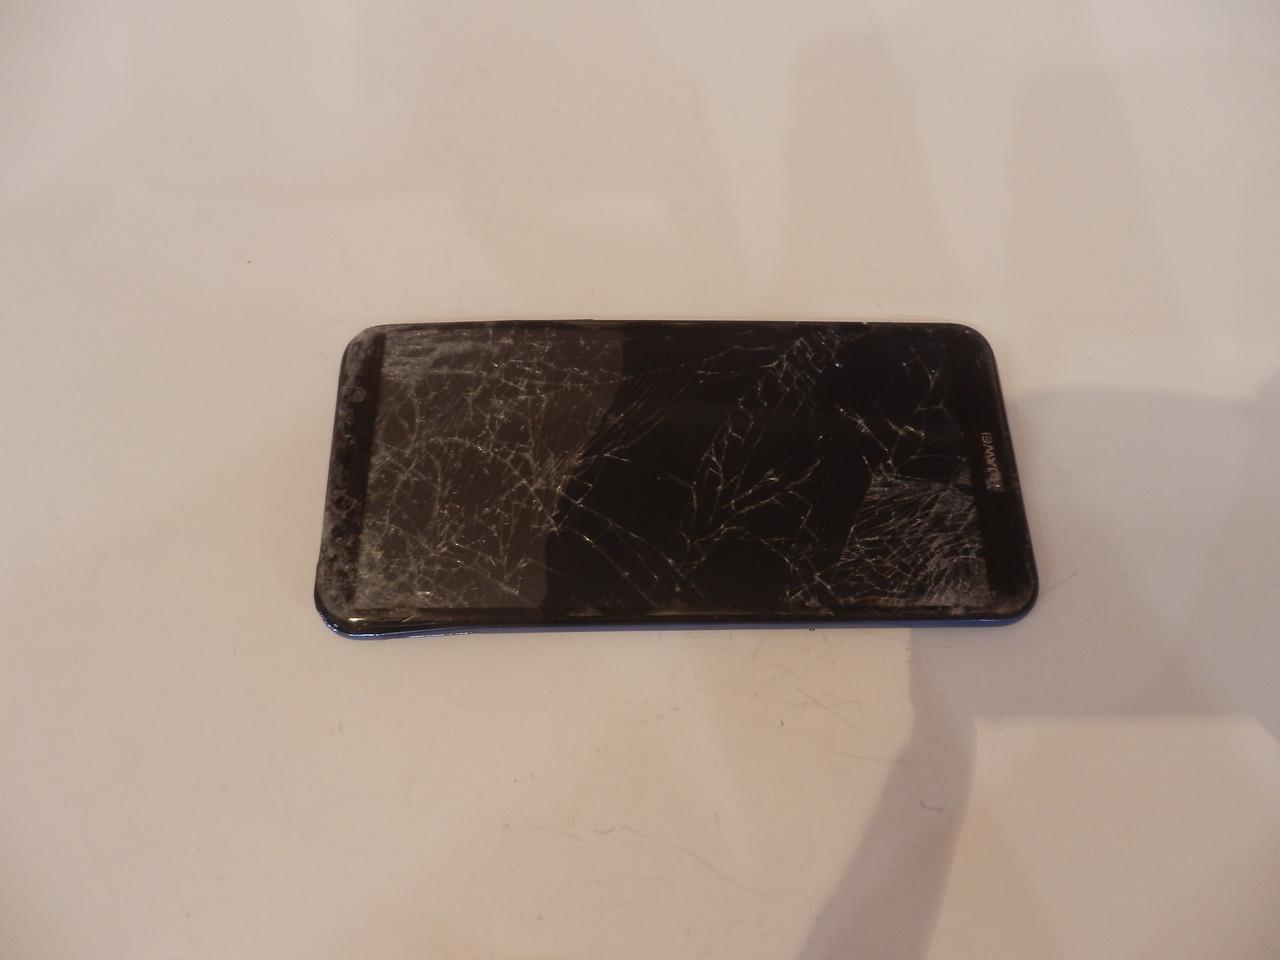 Мобильный телефон Huawei Y6 2018 2/16Gb Black (ATU-L21) №6829